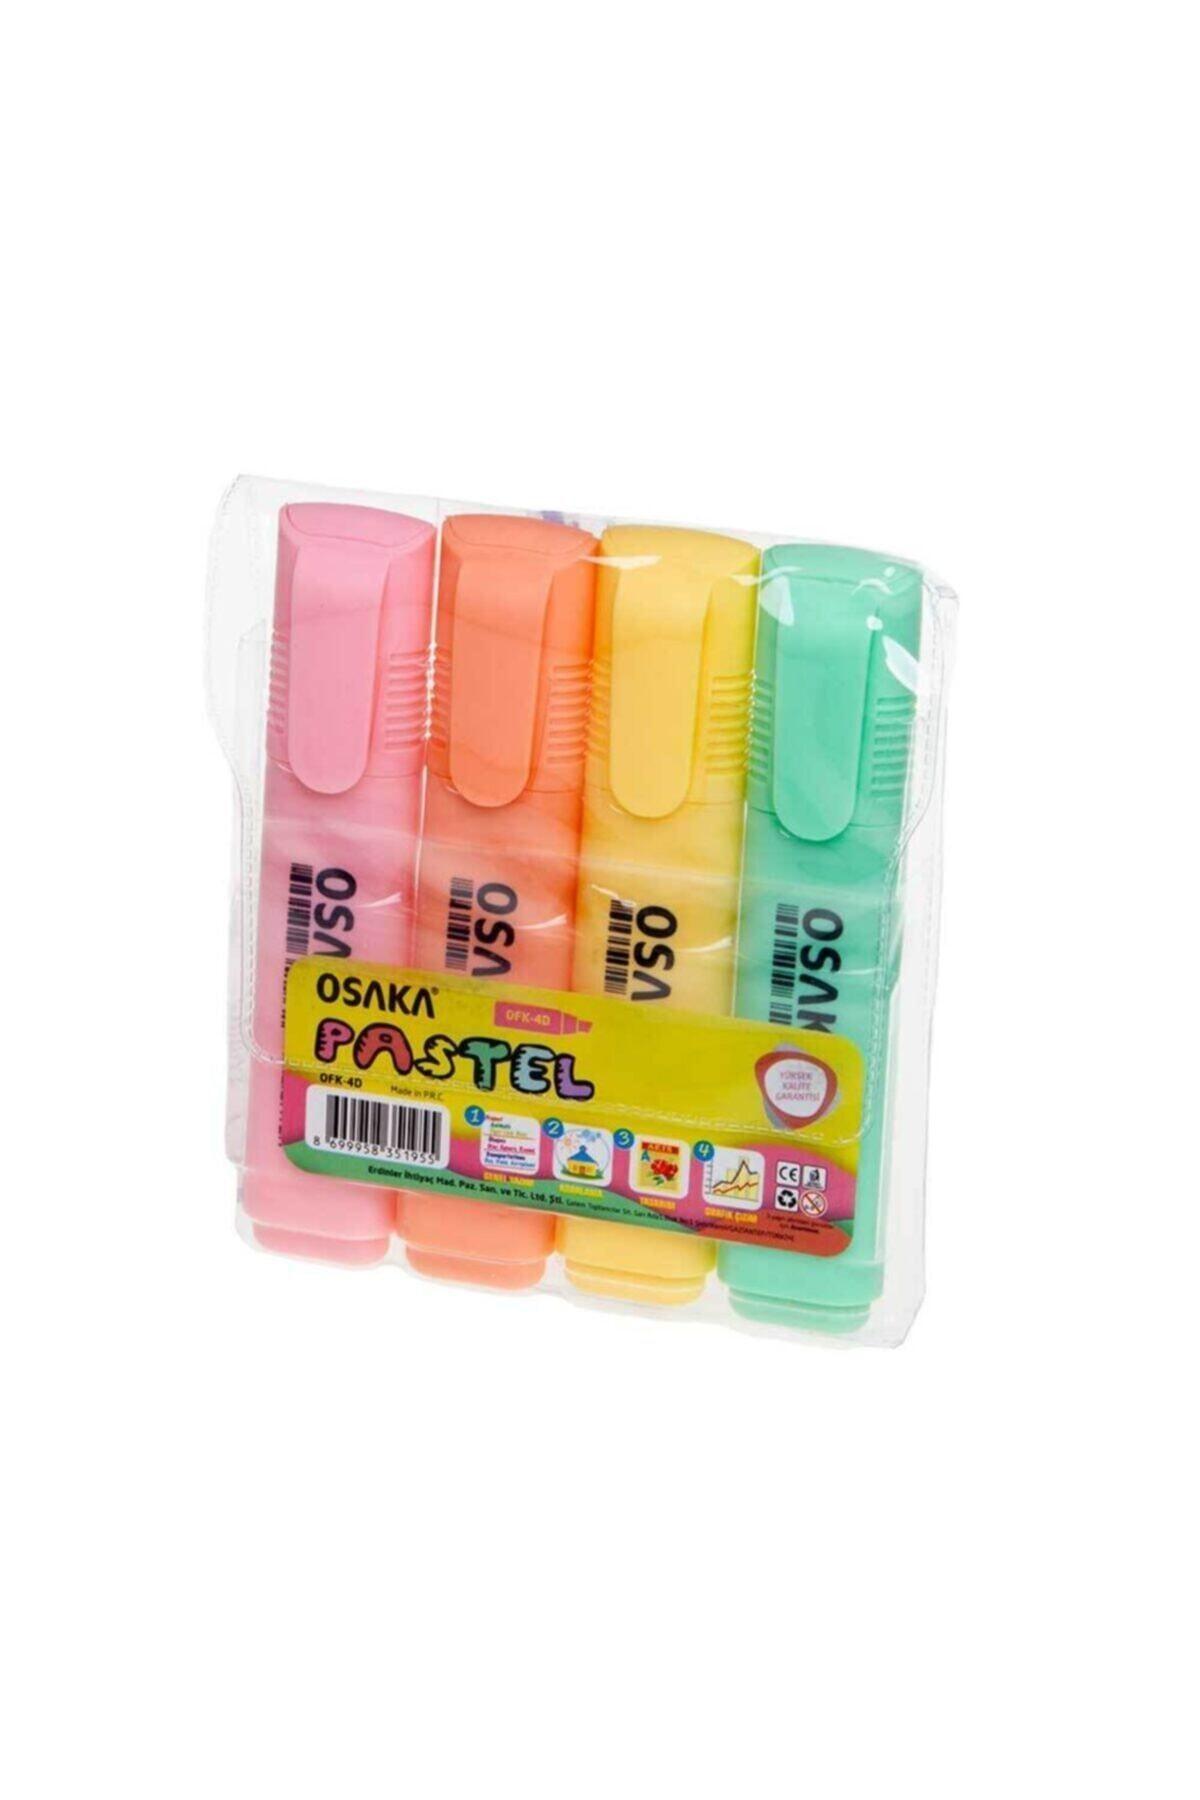 Osaka 4 Renk Pastel Renkli Fosforlu Kalem 1